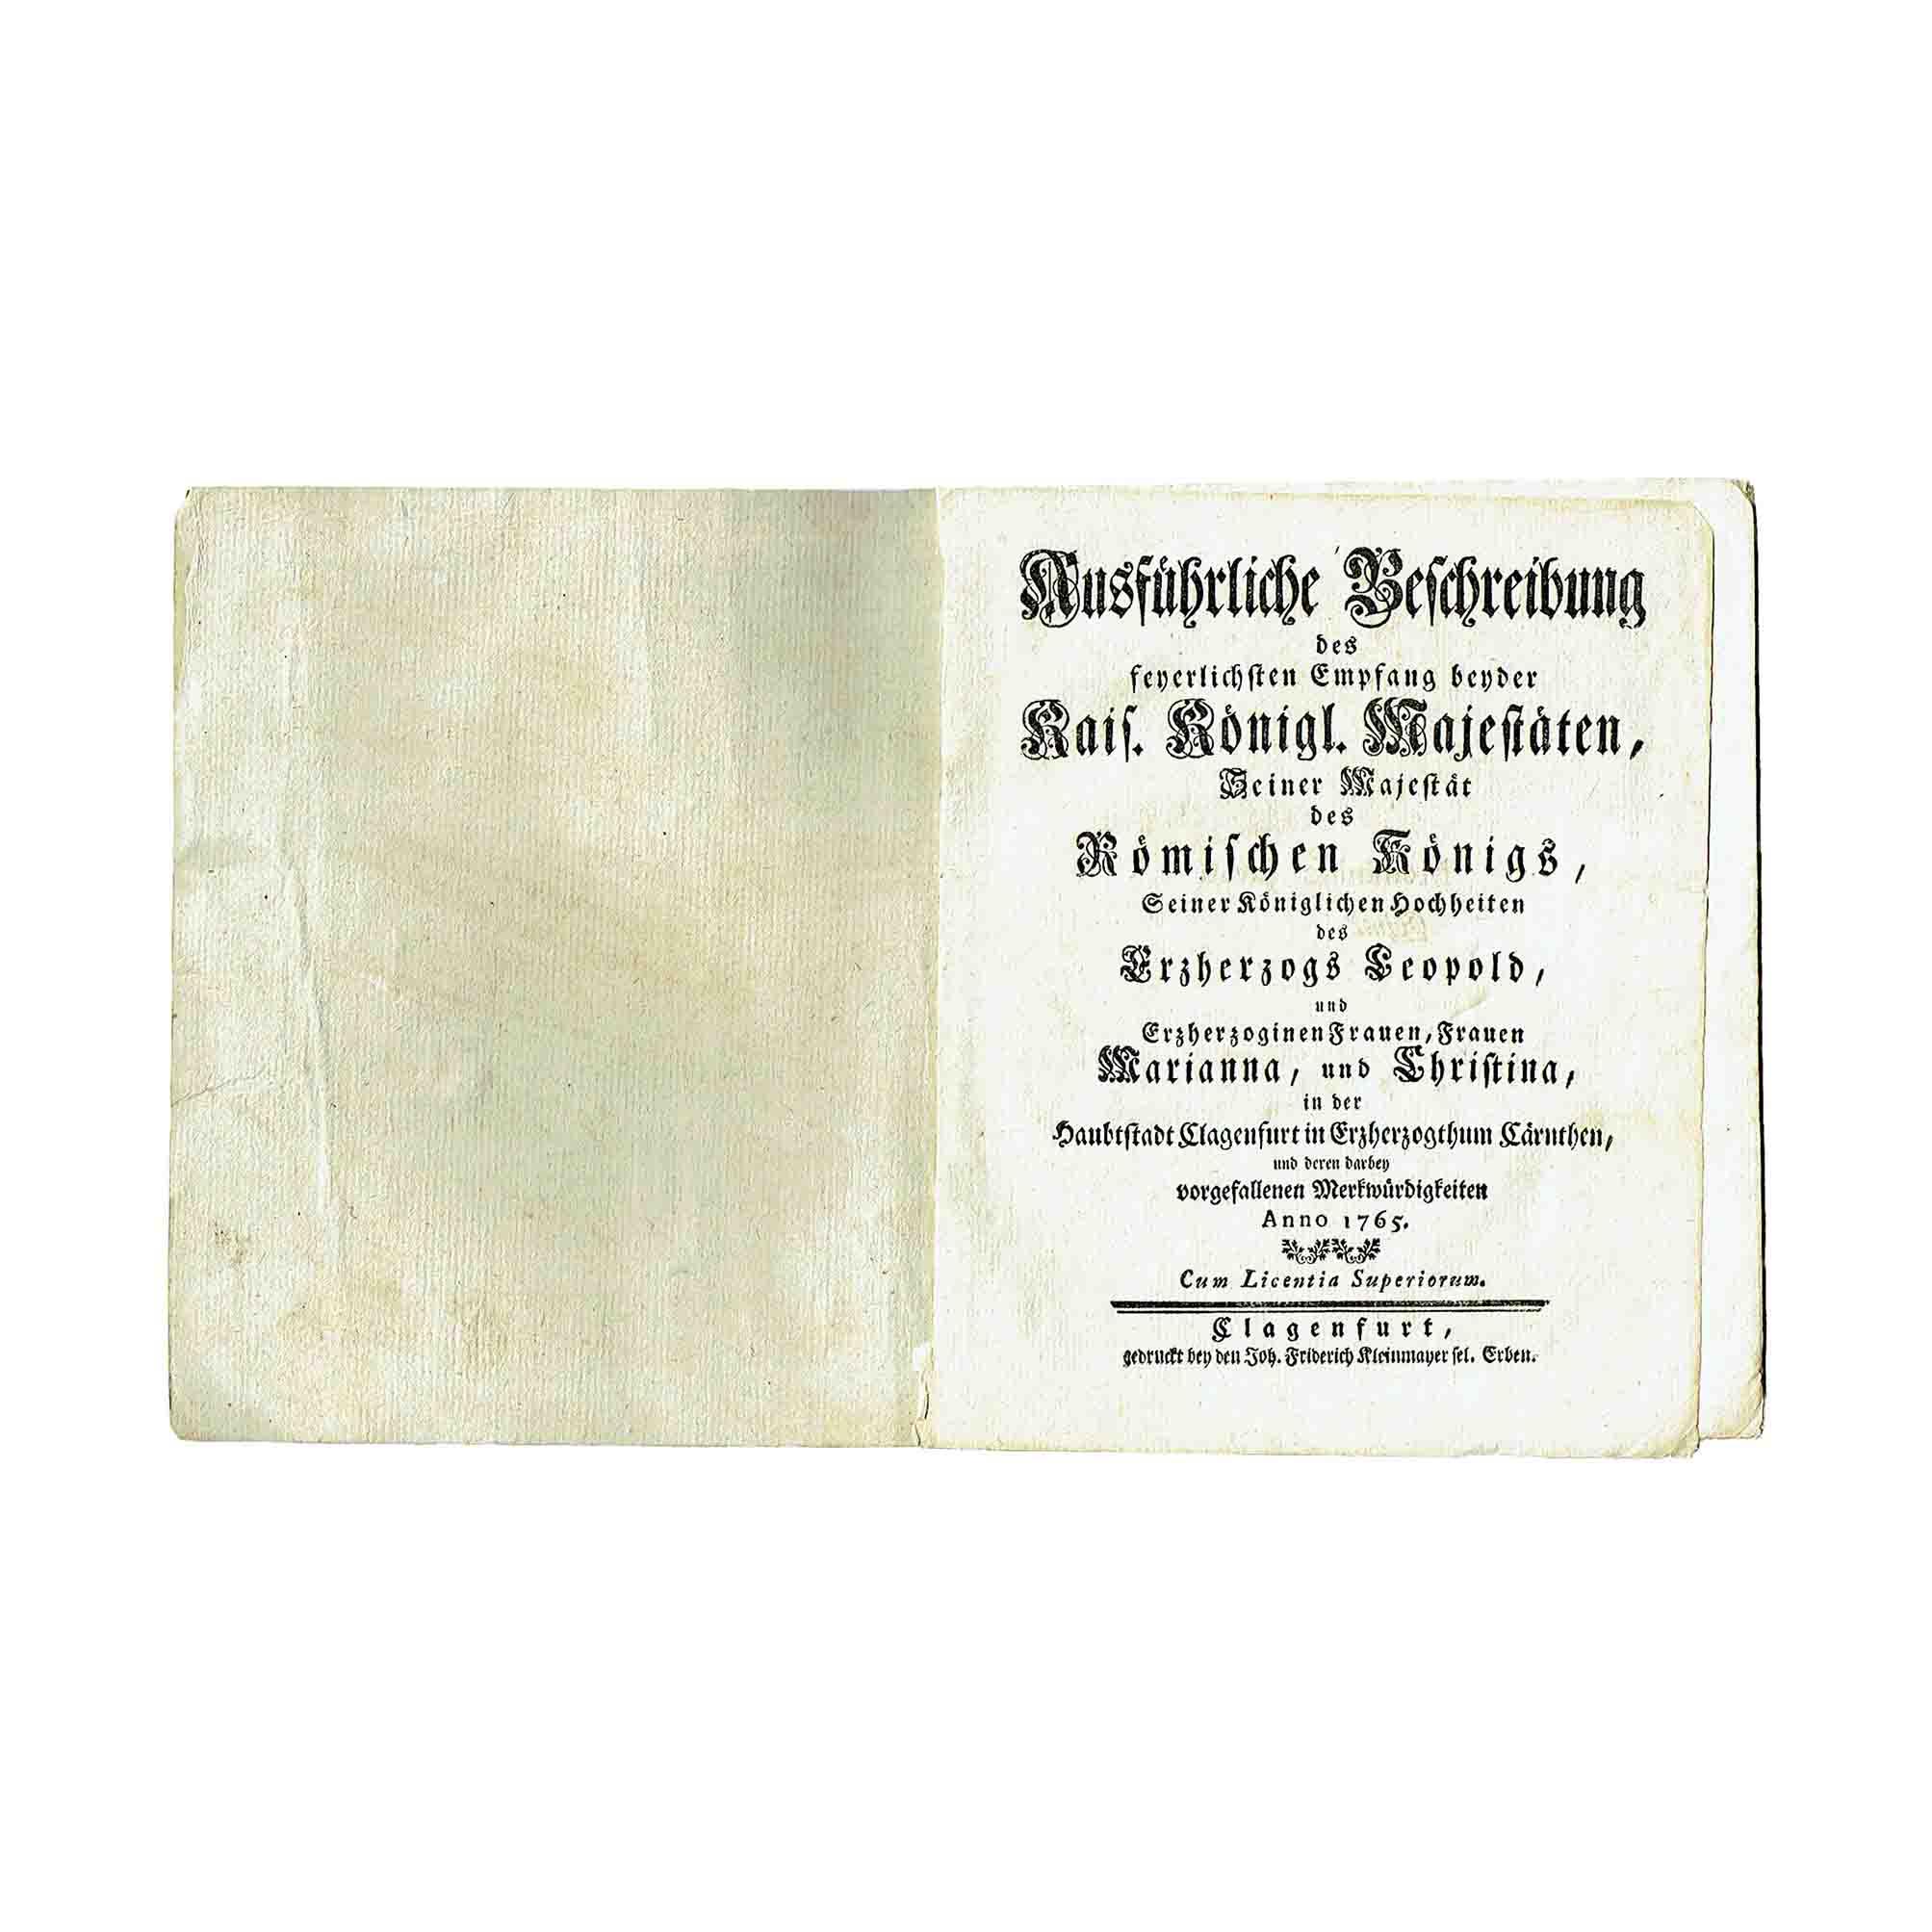 5970K-Werffenstein-Beschreibung-Maria-Theresia-Klagenfurt-1765-Titelblatt-frei-N.jpeg